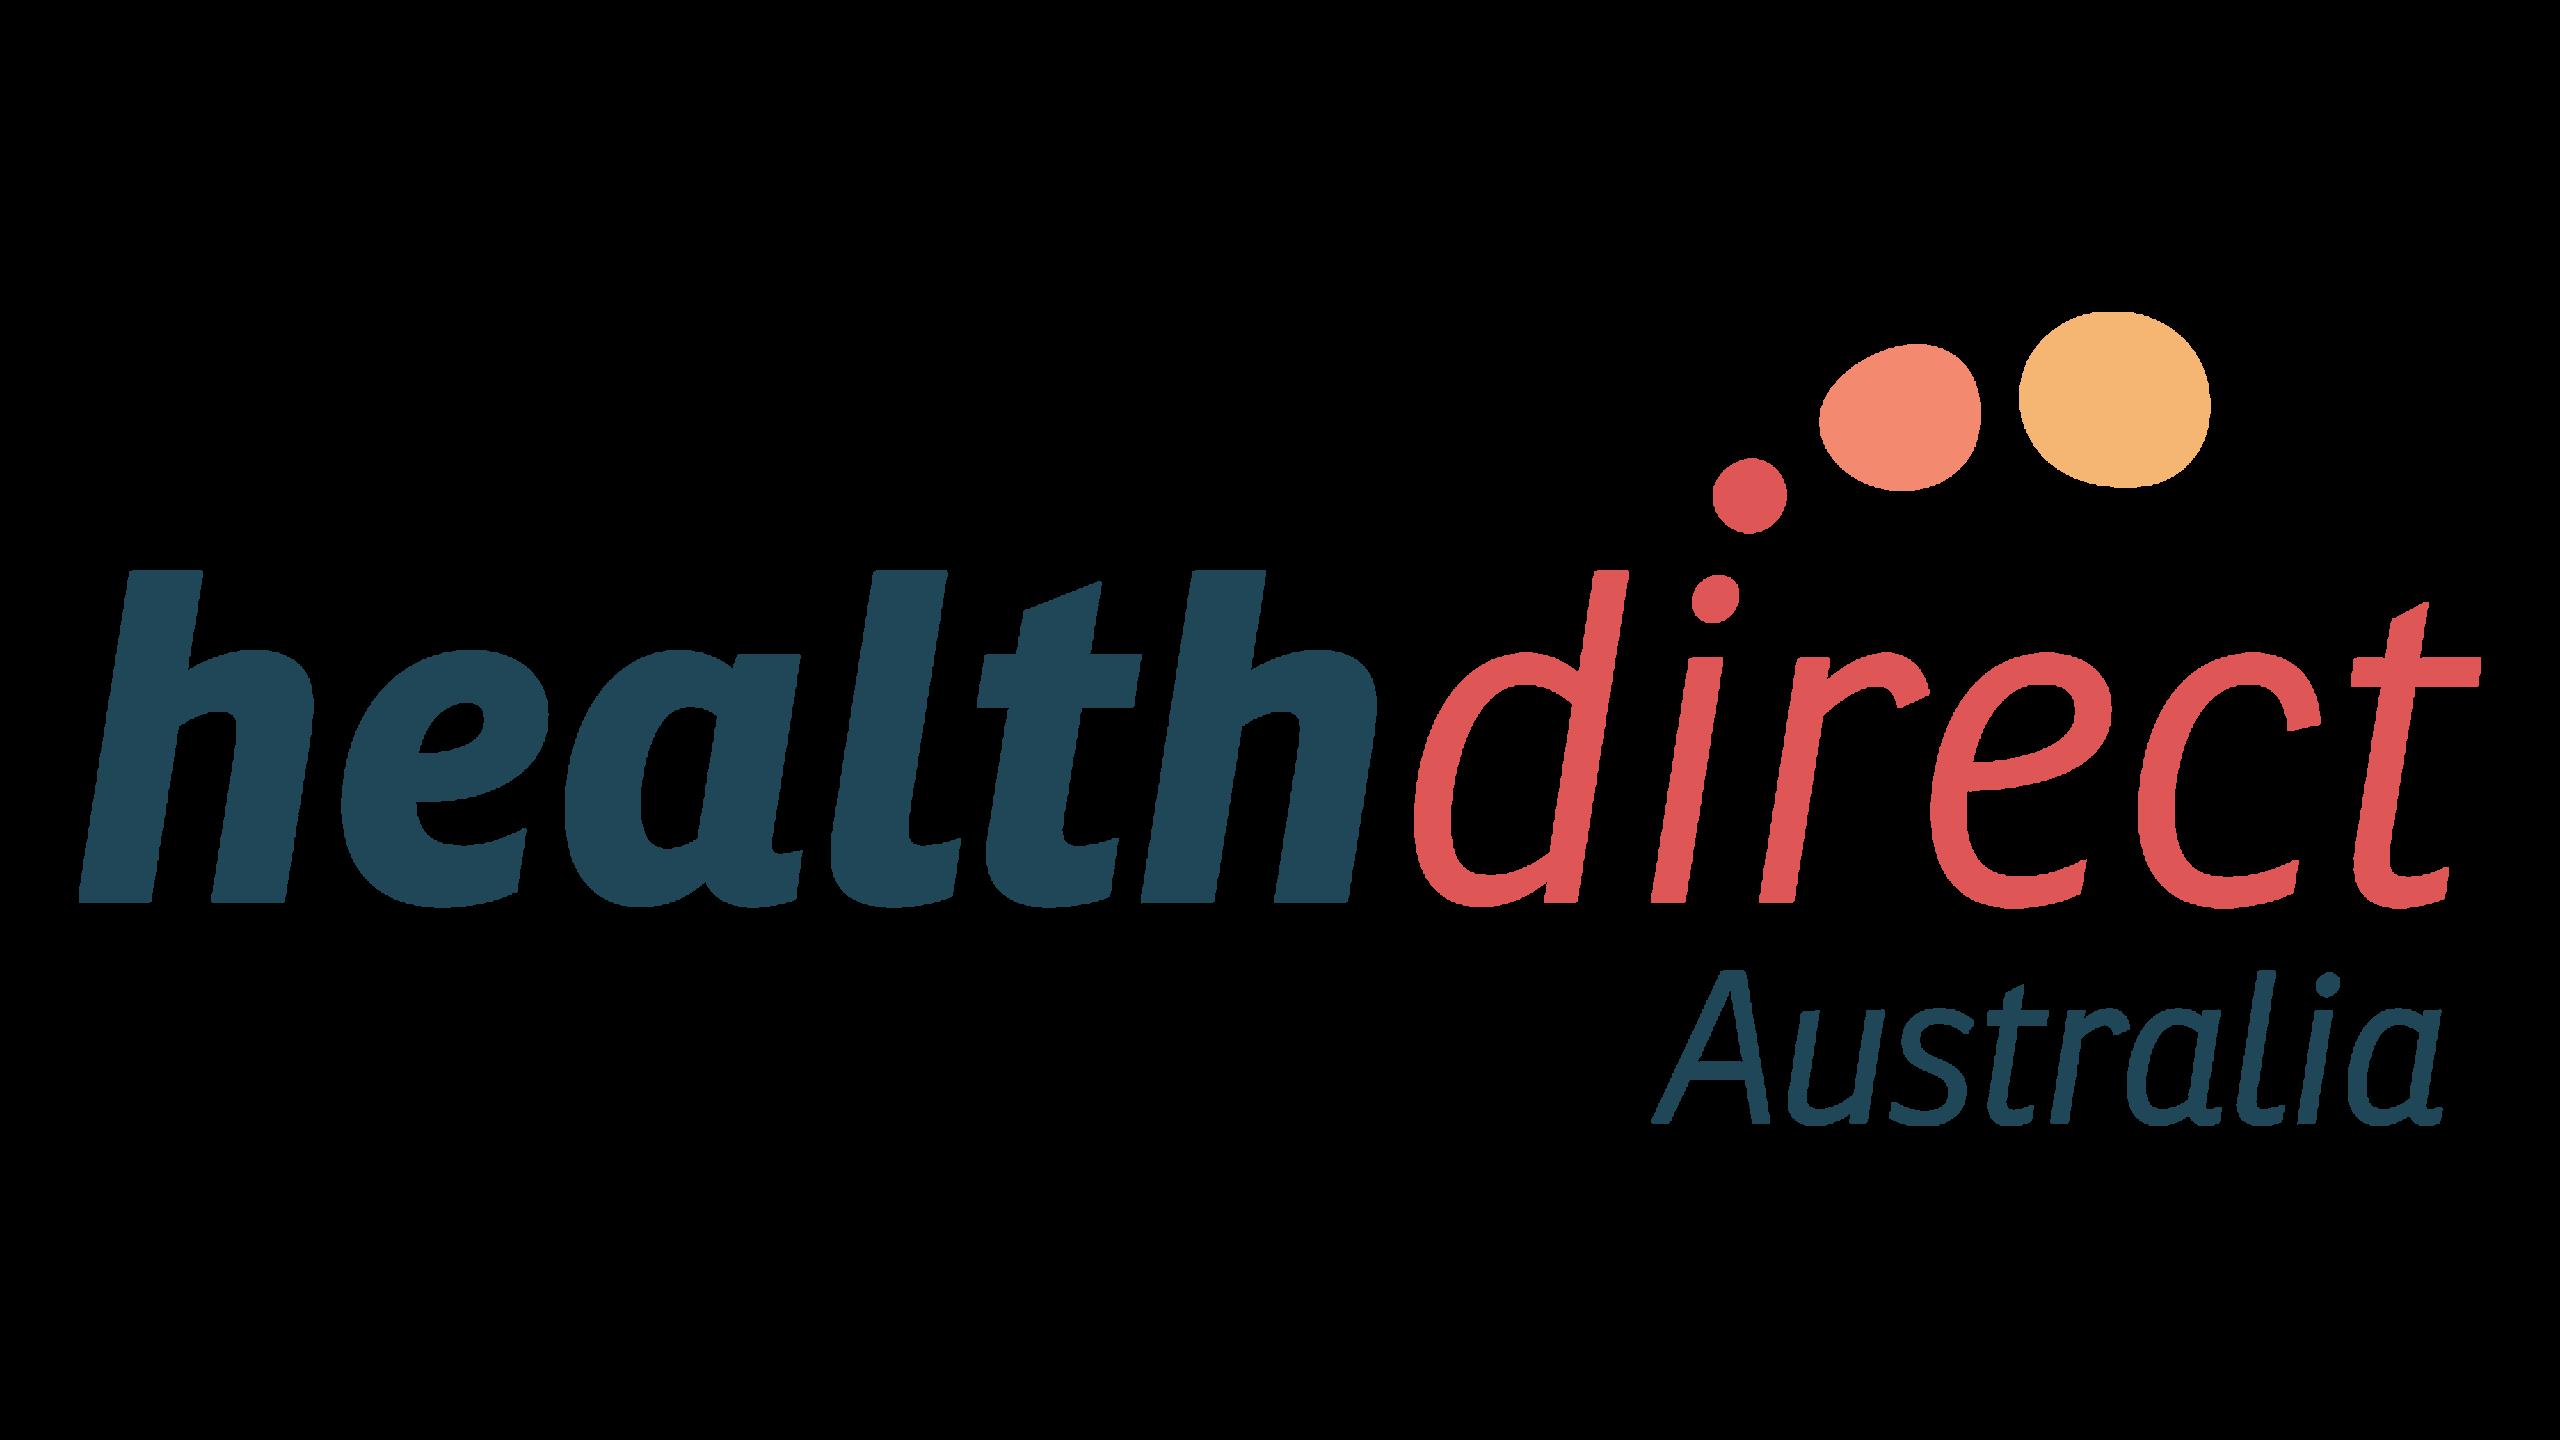 Healthdirect Australia partners with Coviu